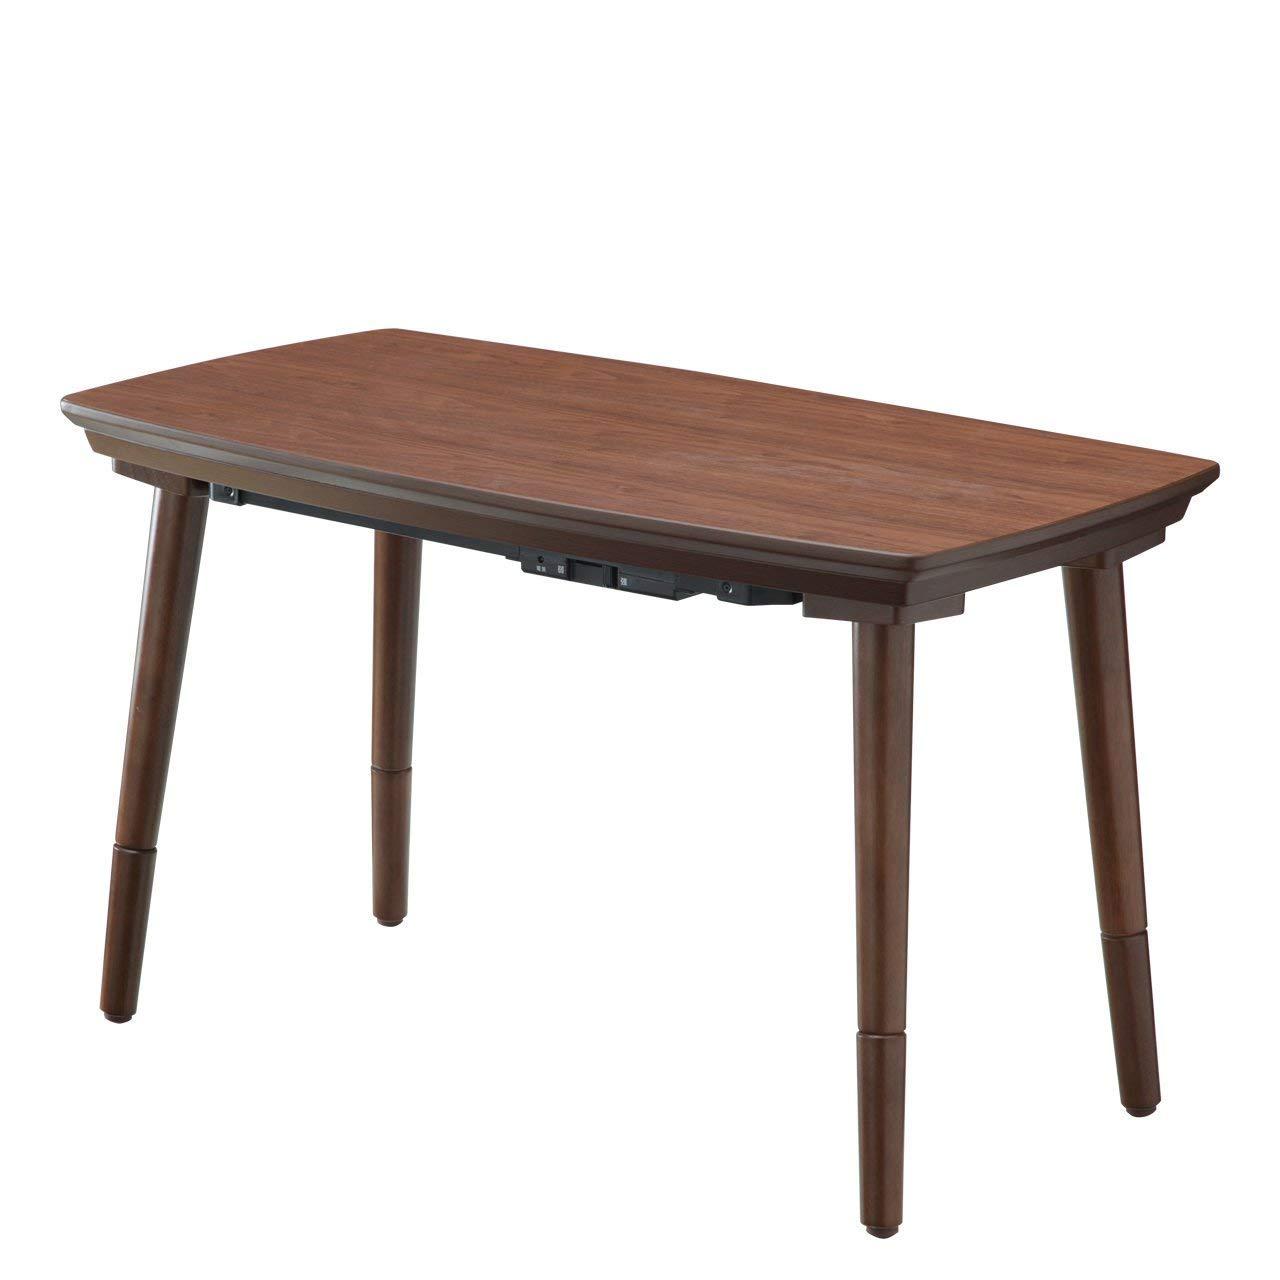 高さが変わると2倍楽しい 2WAY こたつテーブル 90×50 ウォールナット 高さ調節 継ぎ脚 ハイタイプ B07HGTG89S